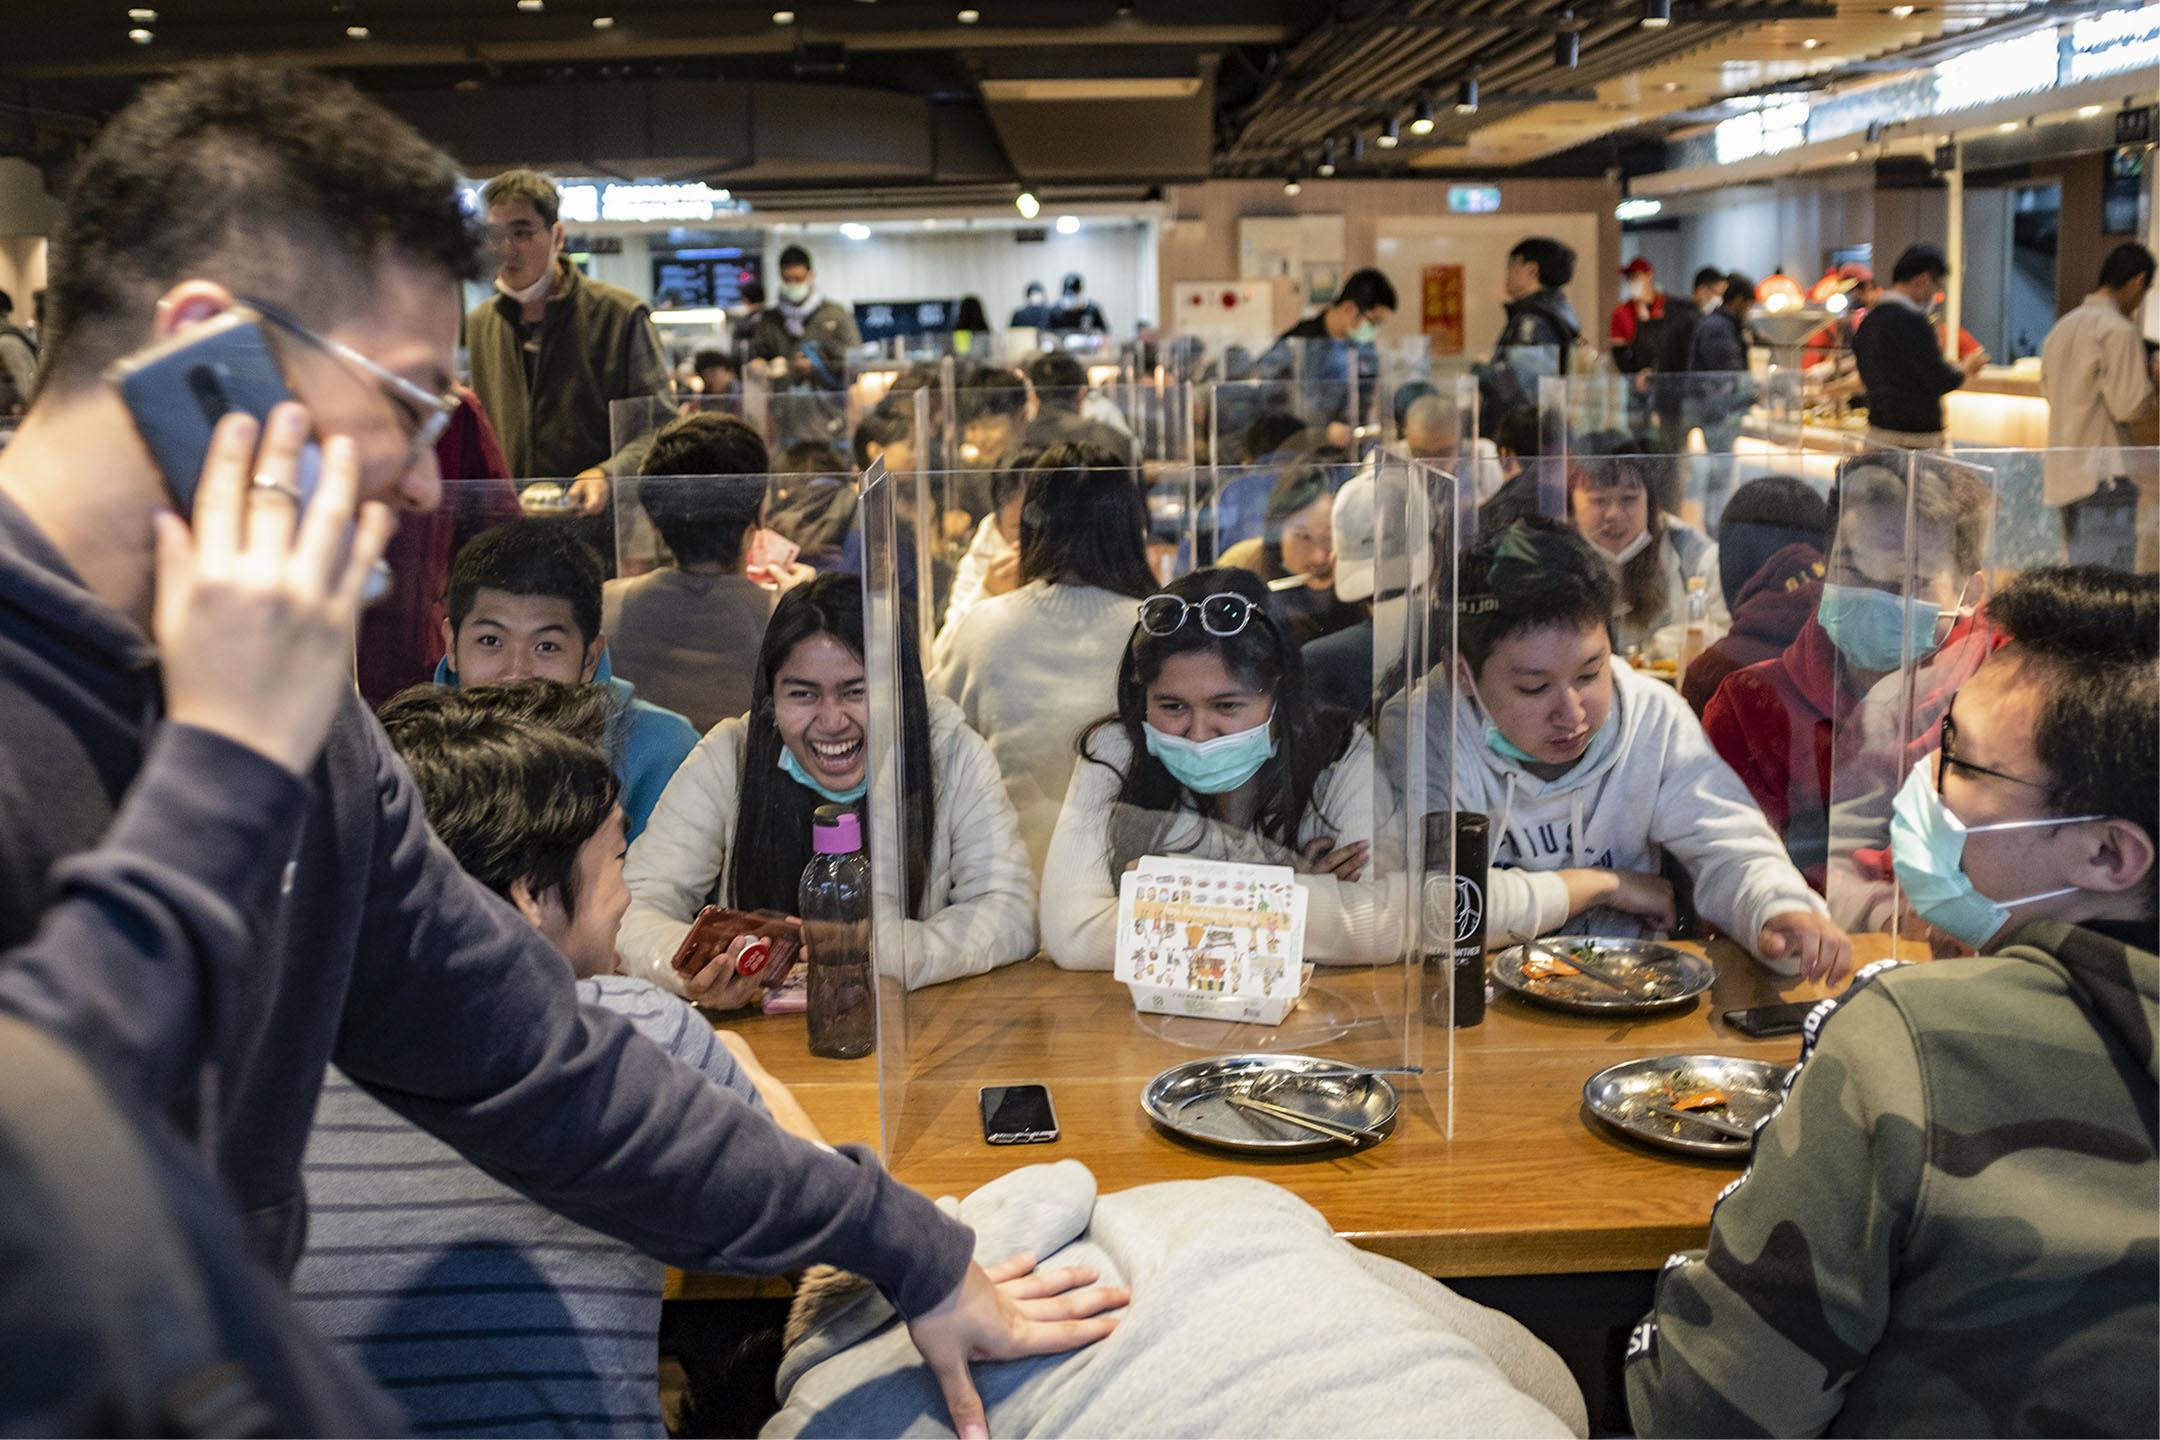 2020年3月6日,台灣台科大的餐廳內,學生們在用膠板分隔的餐桌上吃飯談天。 攝:陳焯煇/端傳媒